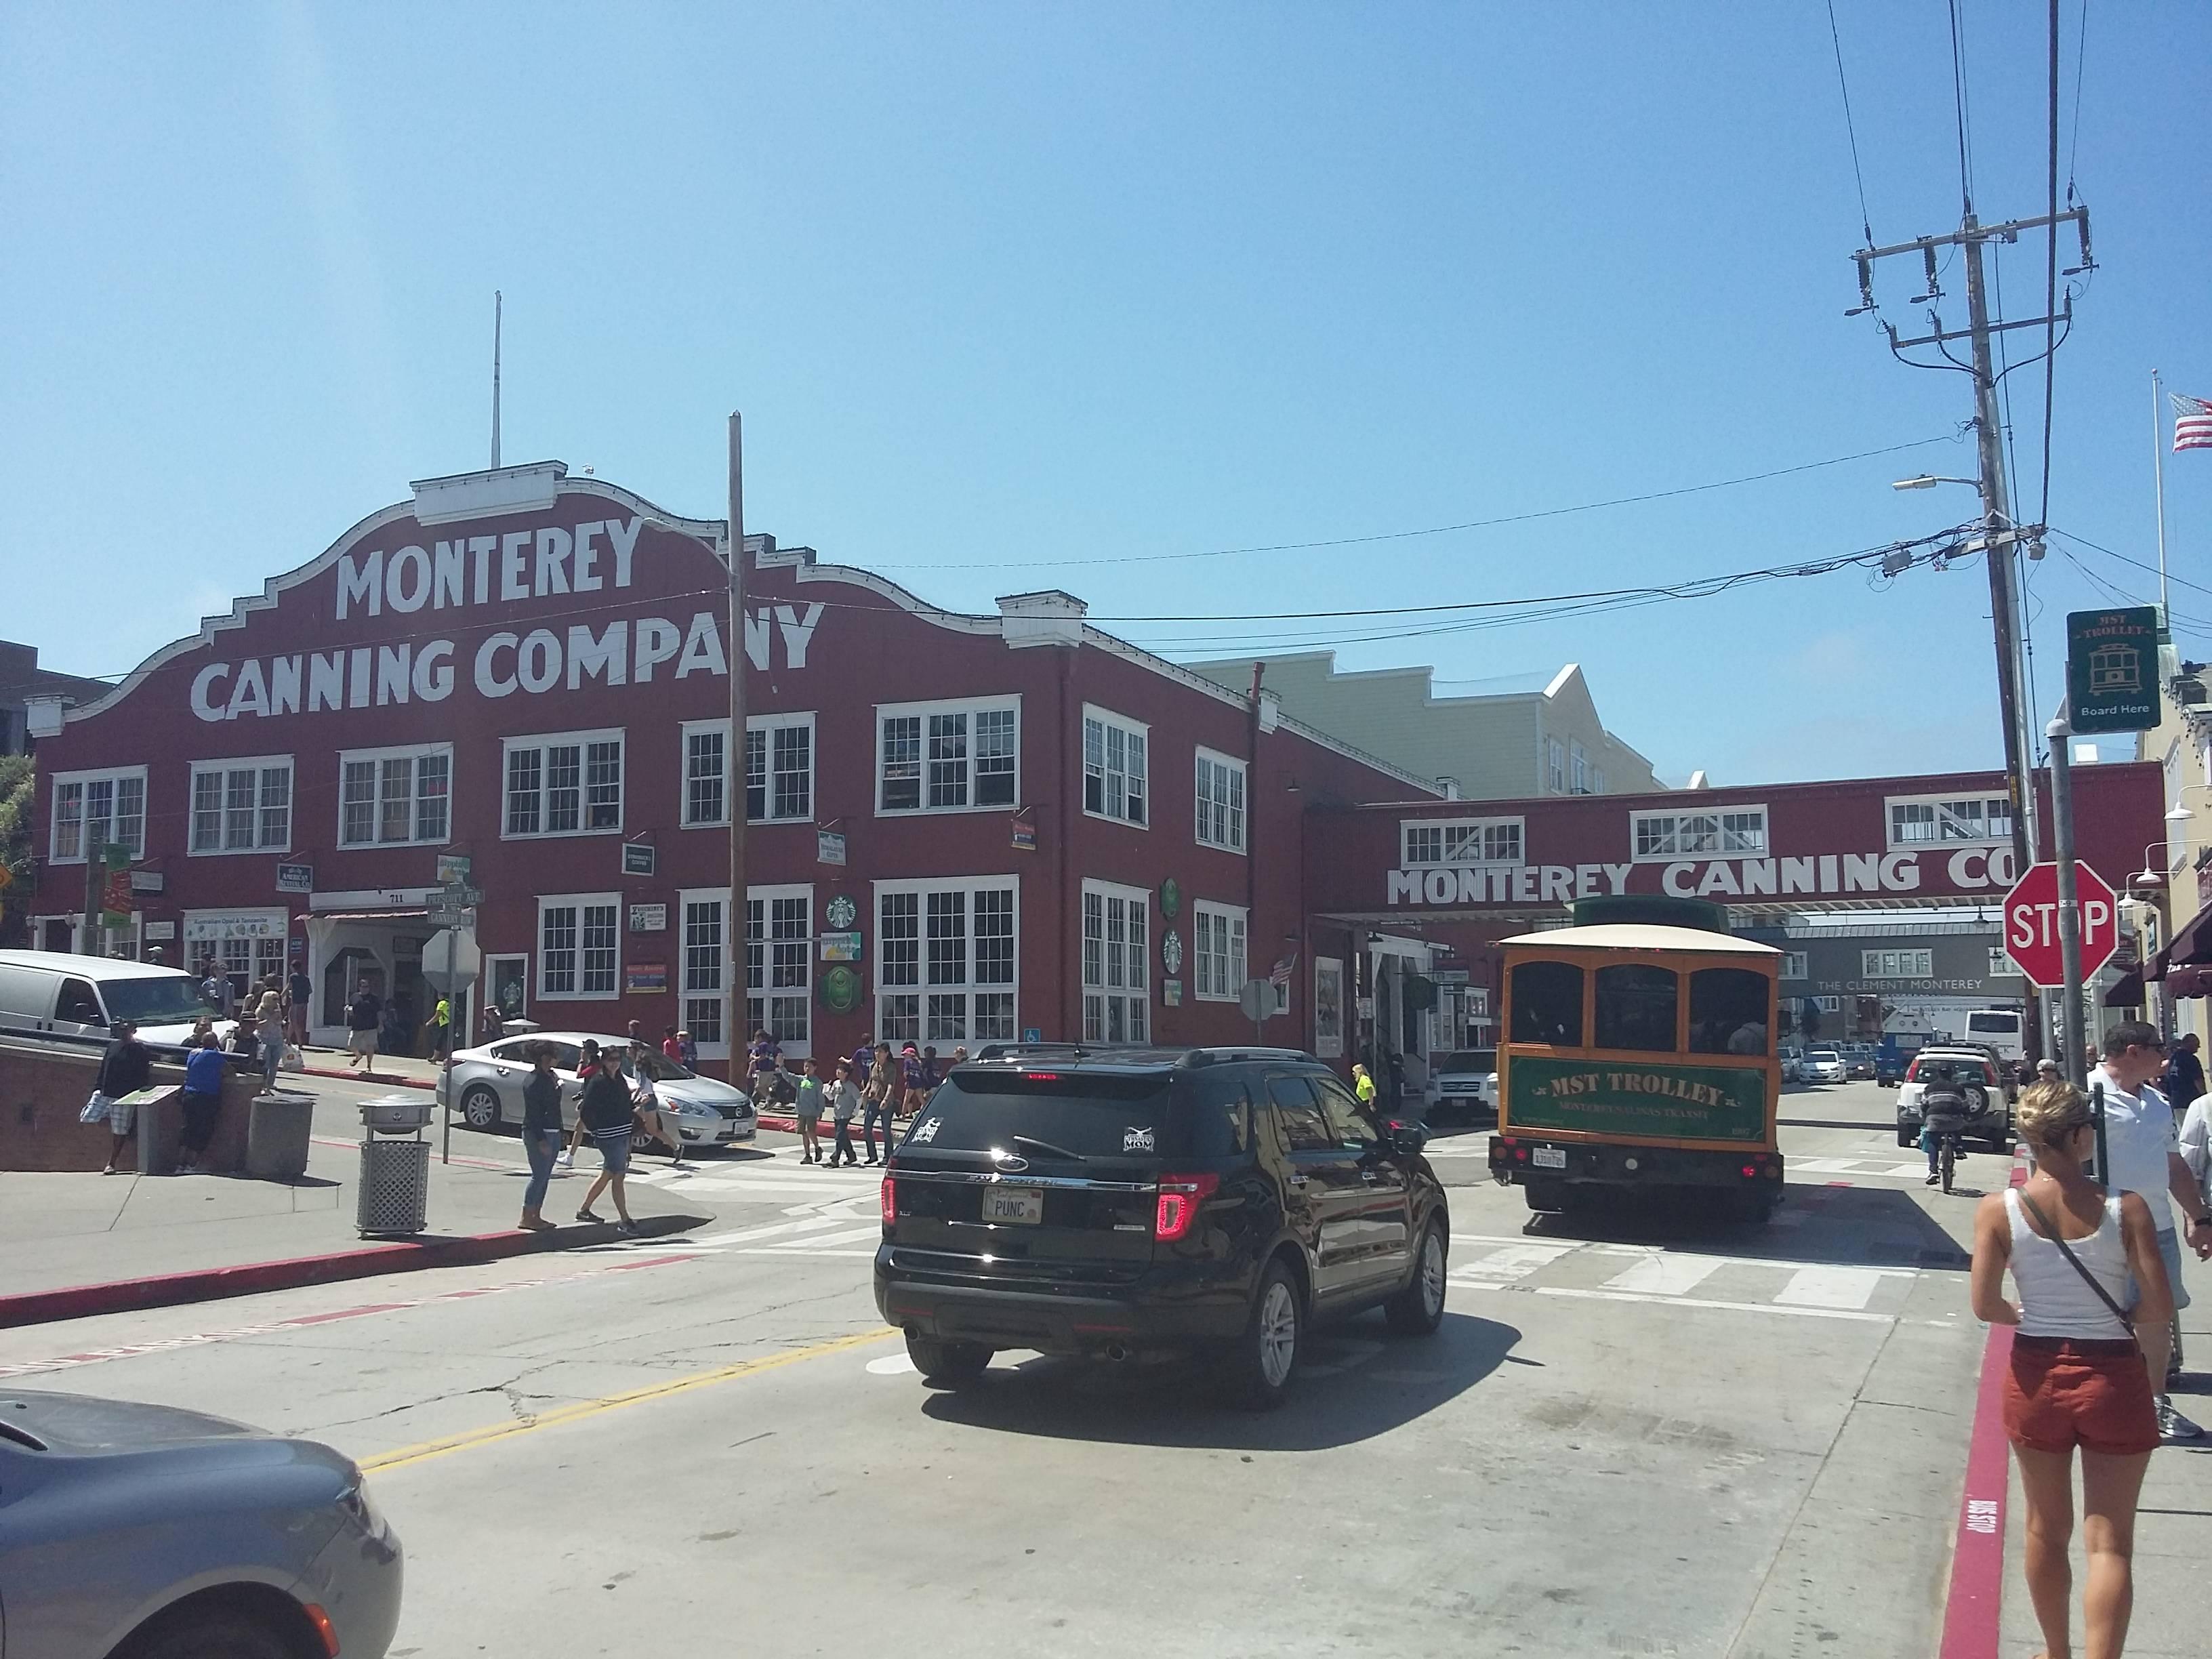 Photo 1: Monterey - de la conserverie à l'aquarium